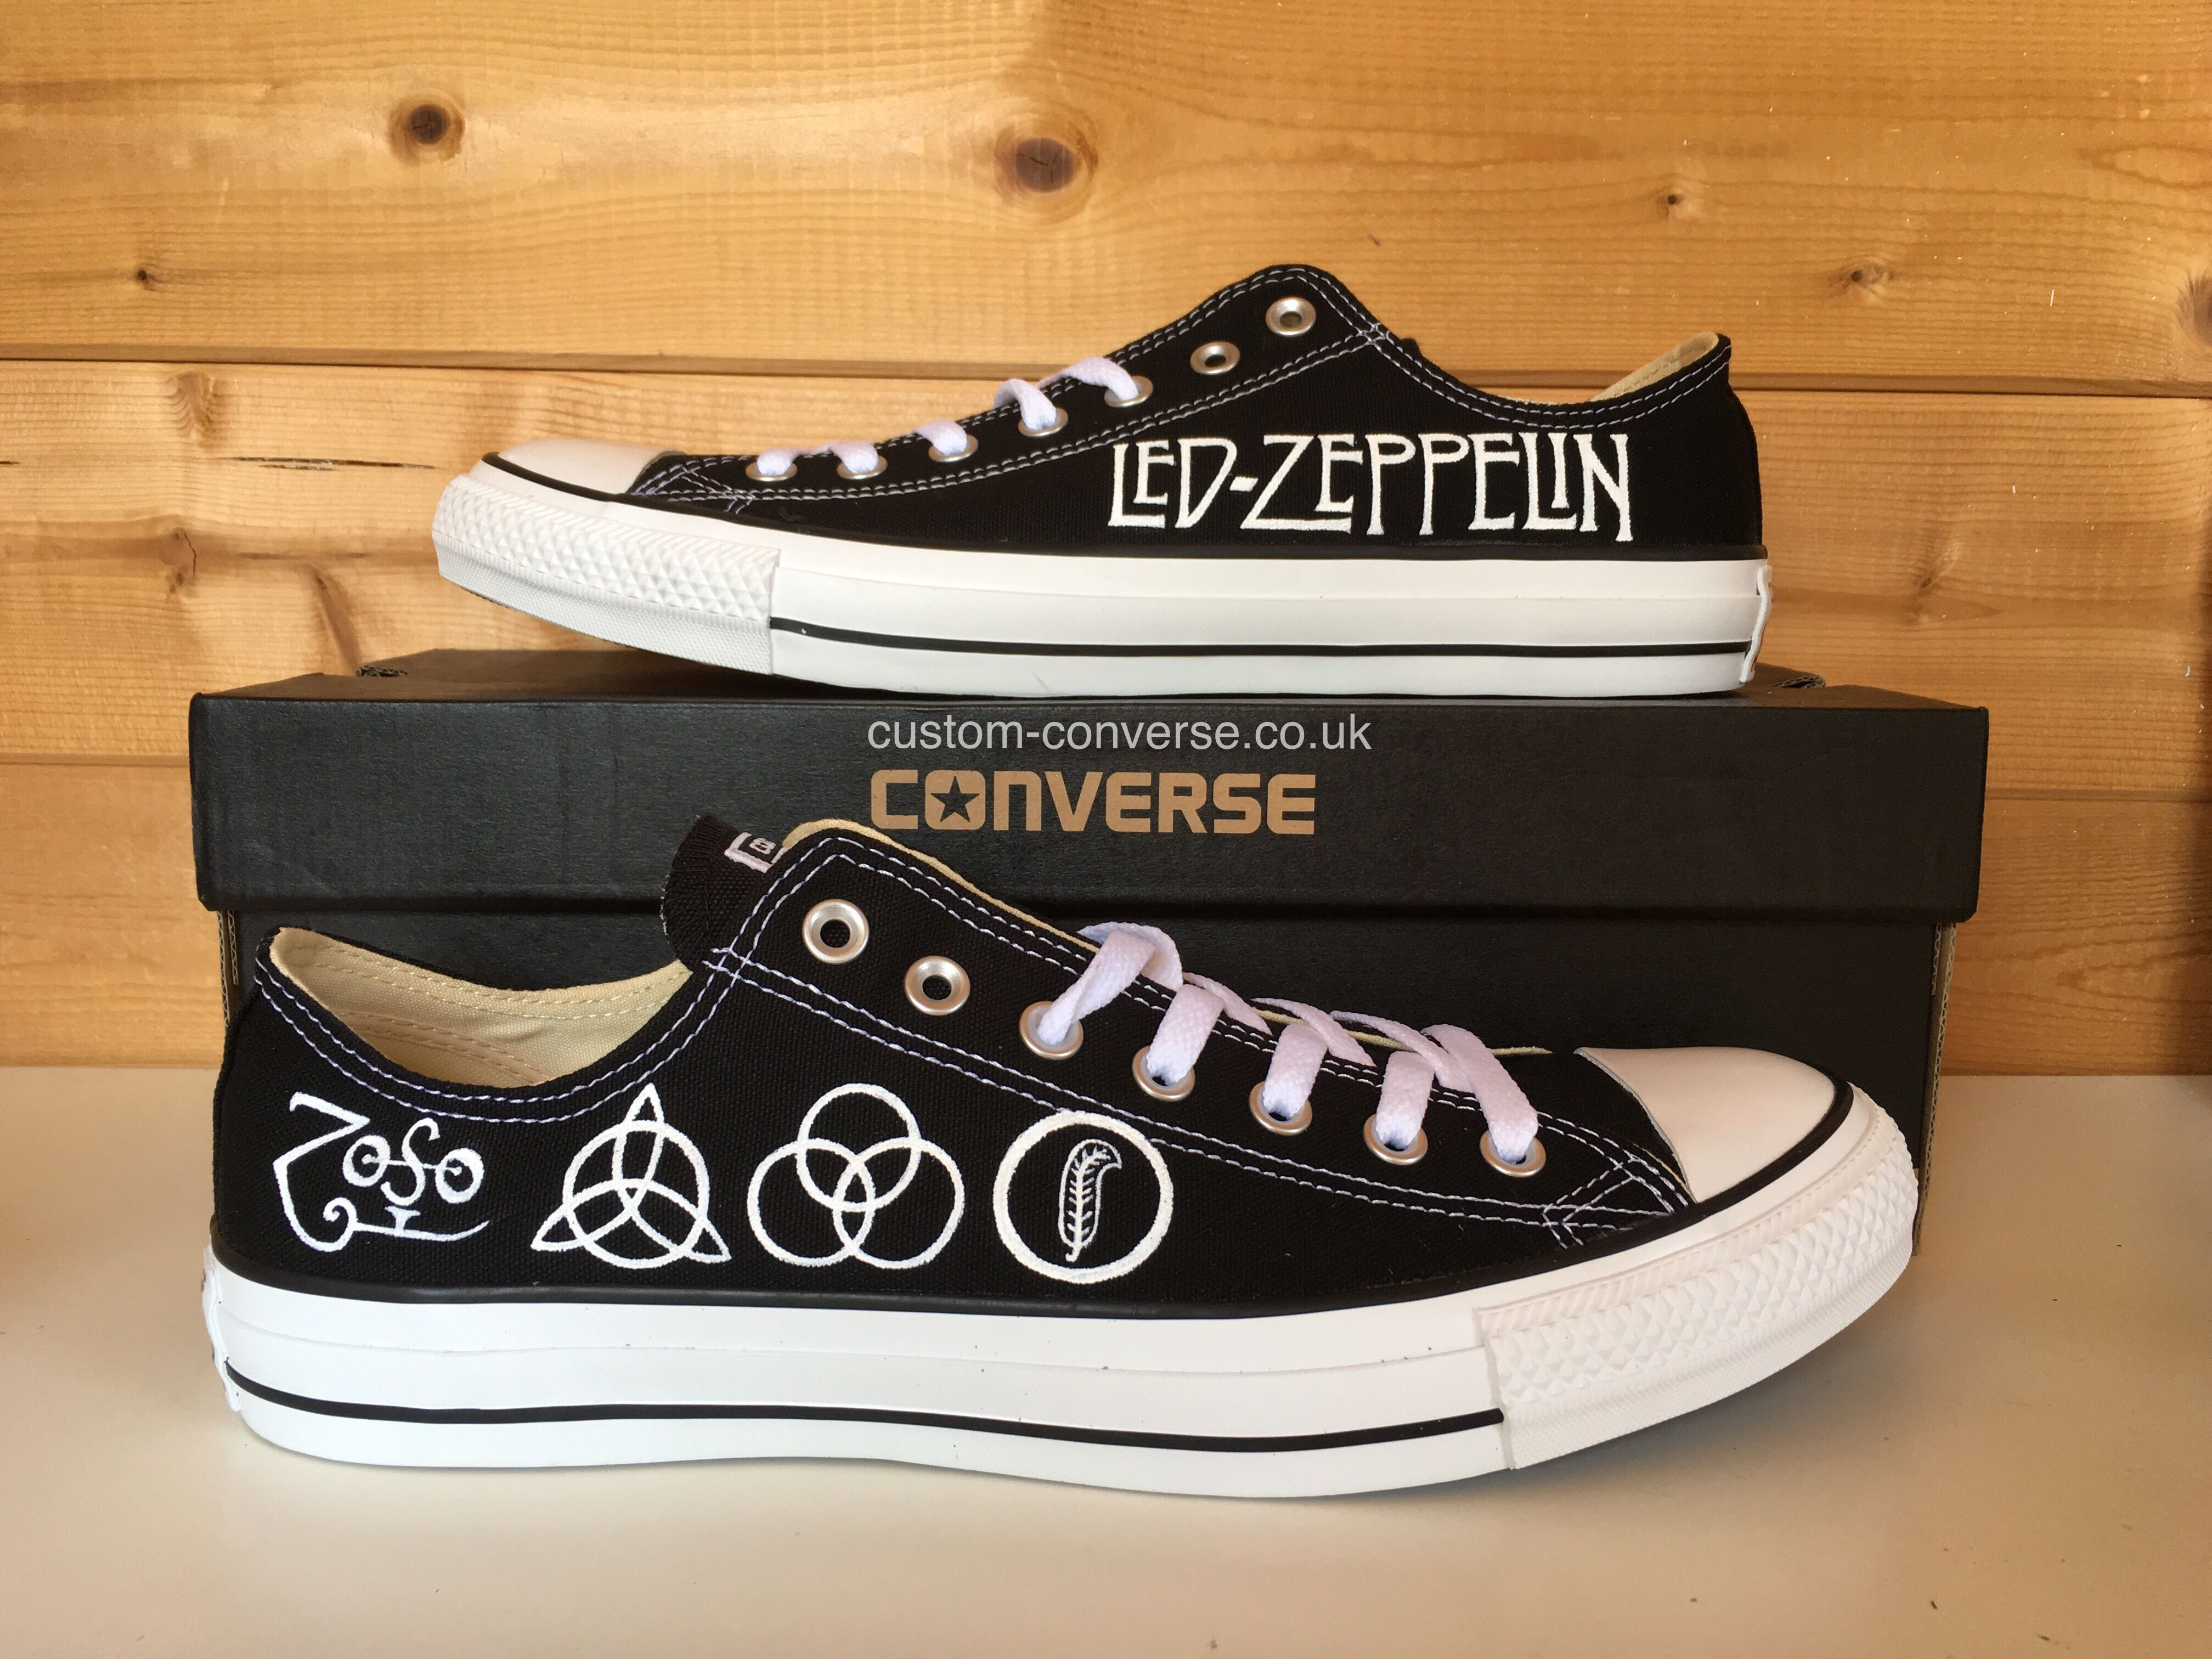 f079062e5d3f1a Led Zeppelin Low Top Converse  ledzeppelin  ledzepp  converse   customconverse